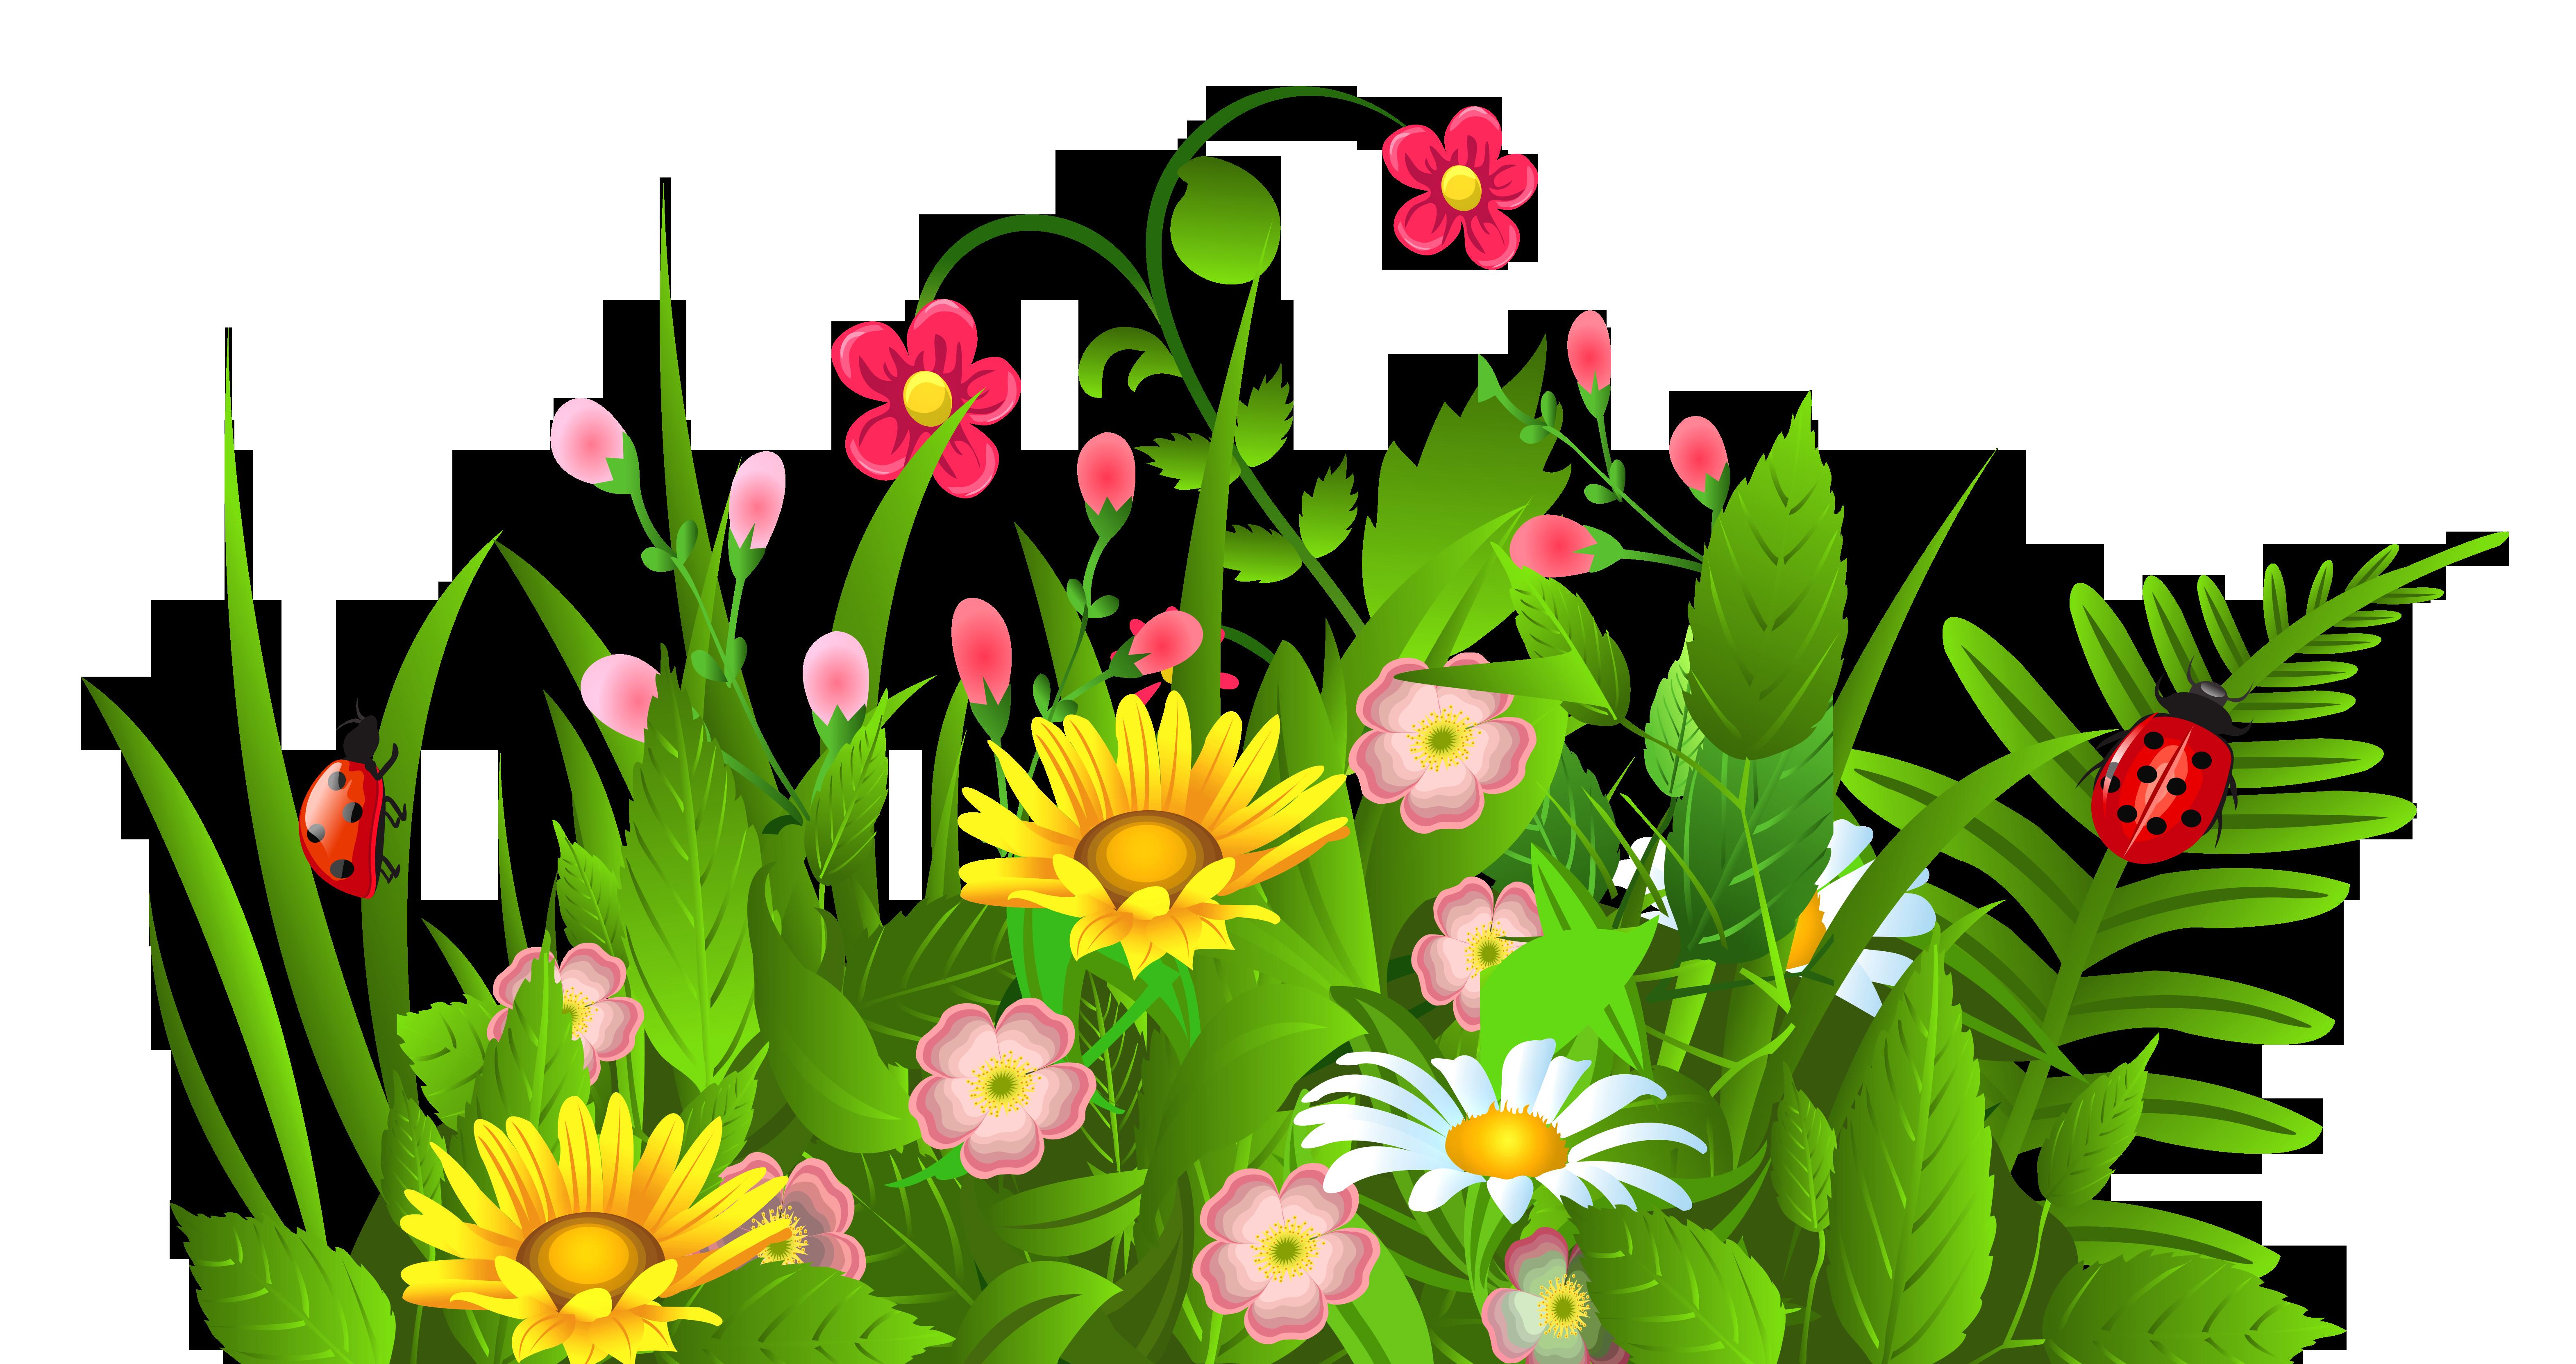 Flowers clip art free clipart images clipartwiz.